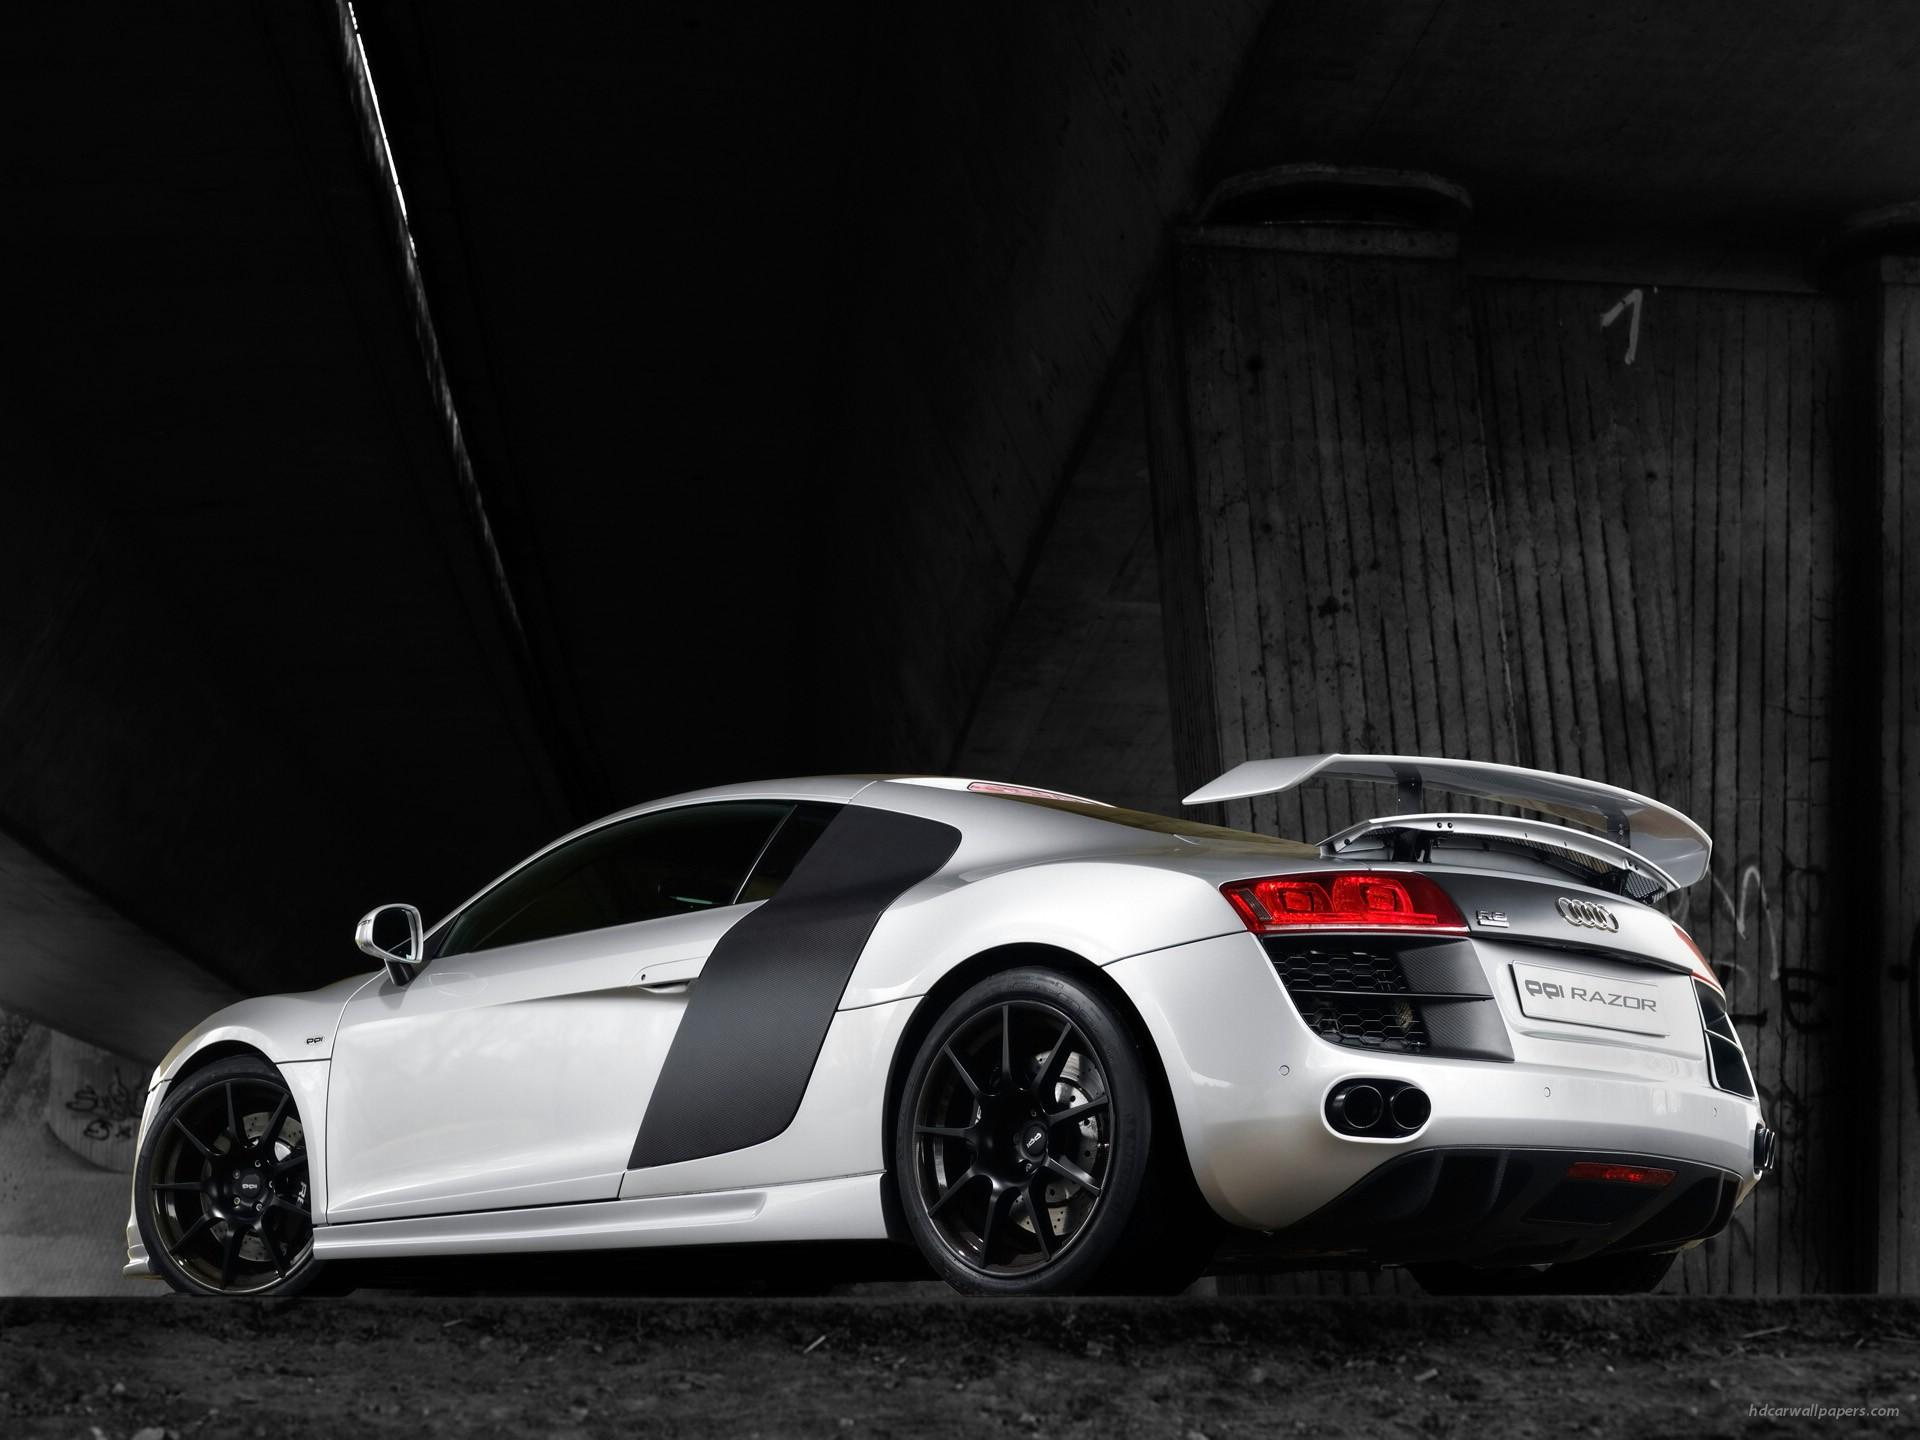 HD Wallpapers 2008 PPI Audi R8 Razor Rear Side